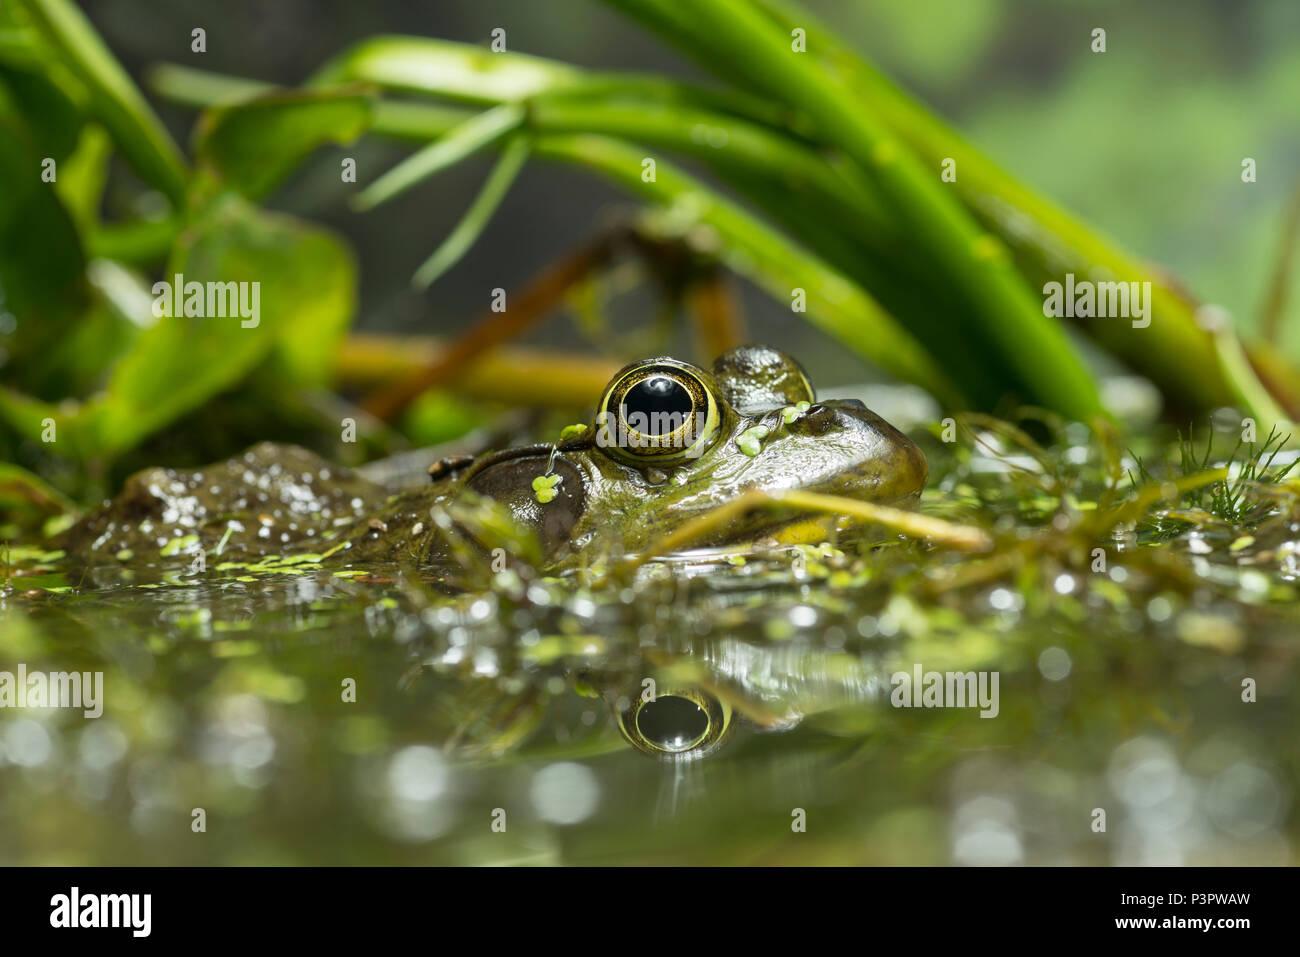 American Bullfrog (Rana catesbeiana) male in wetland, North America Stock Photo